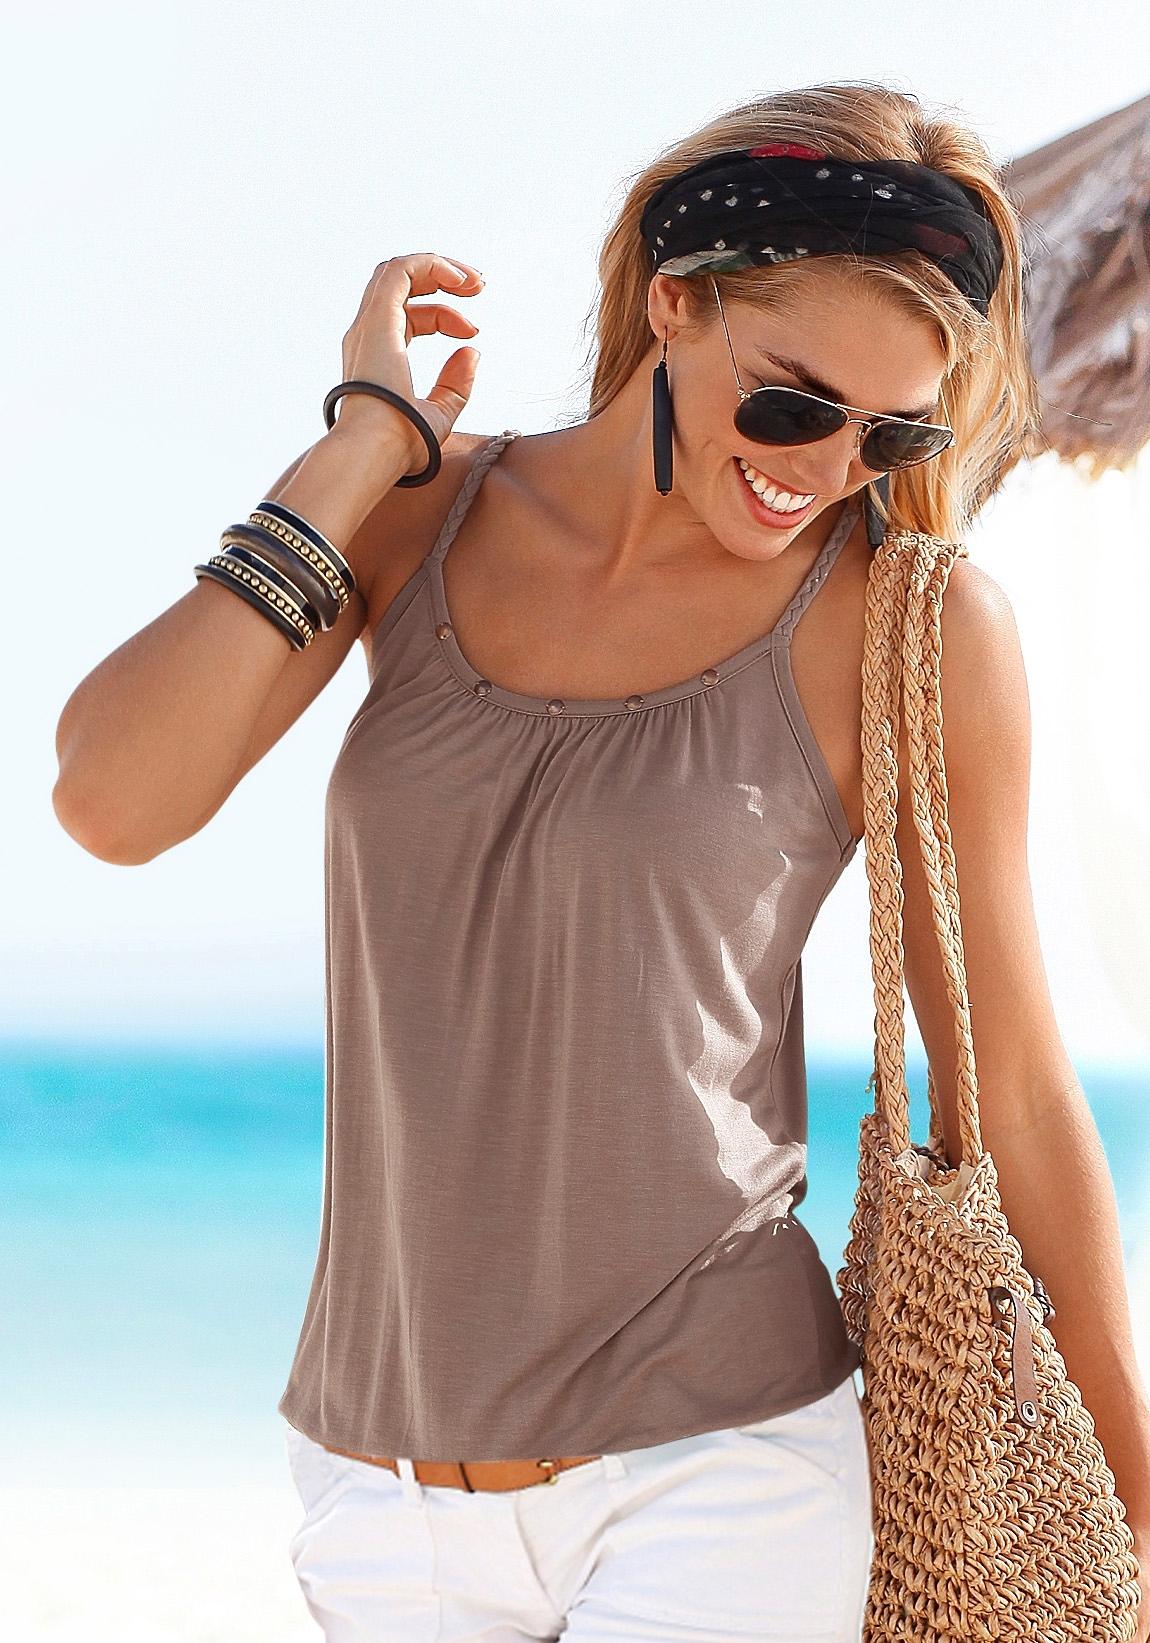 Op zoek naar een Buffalo strandtop met garnering bij de hals? Koop online bij Lascana